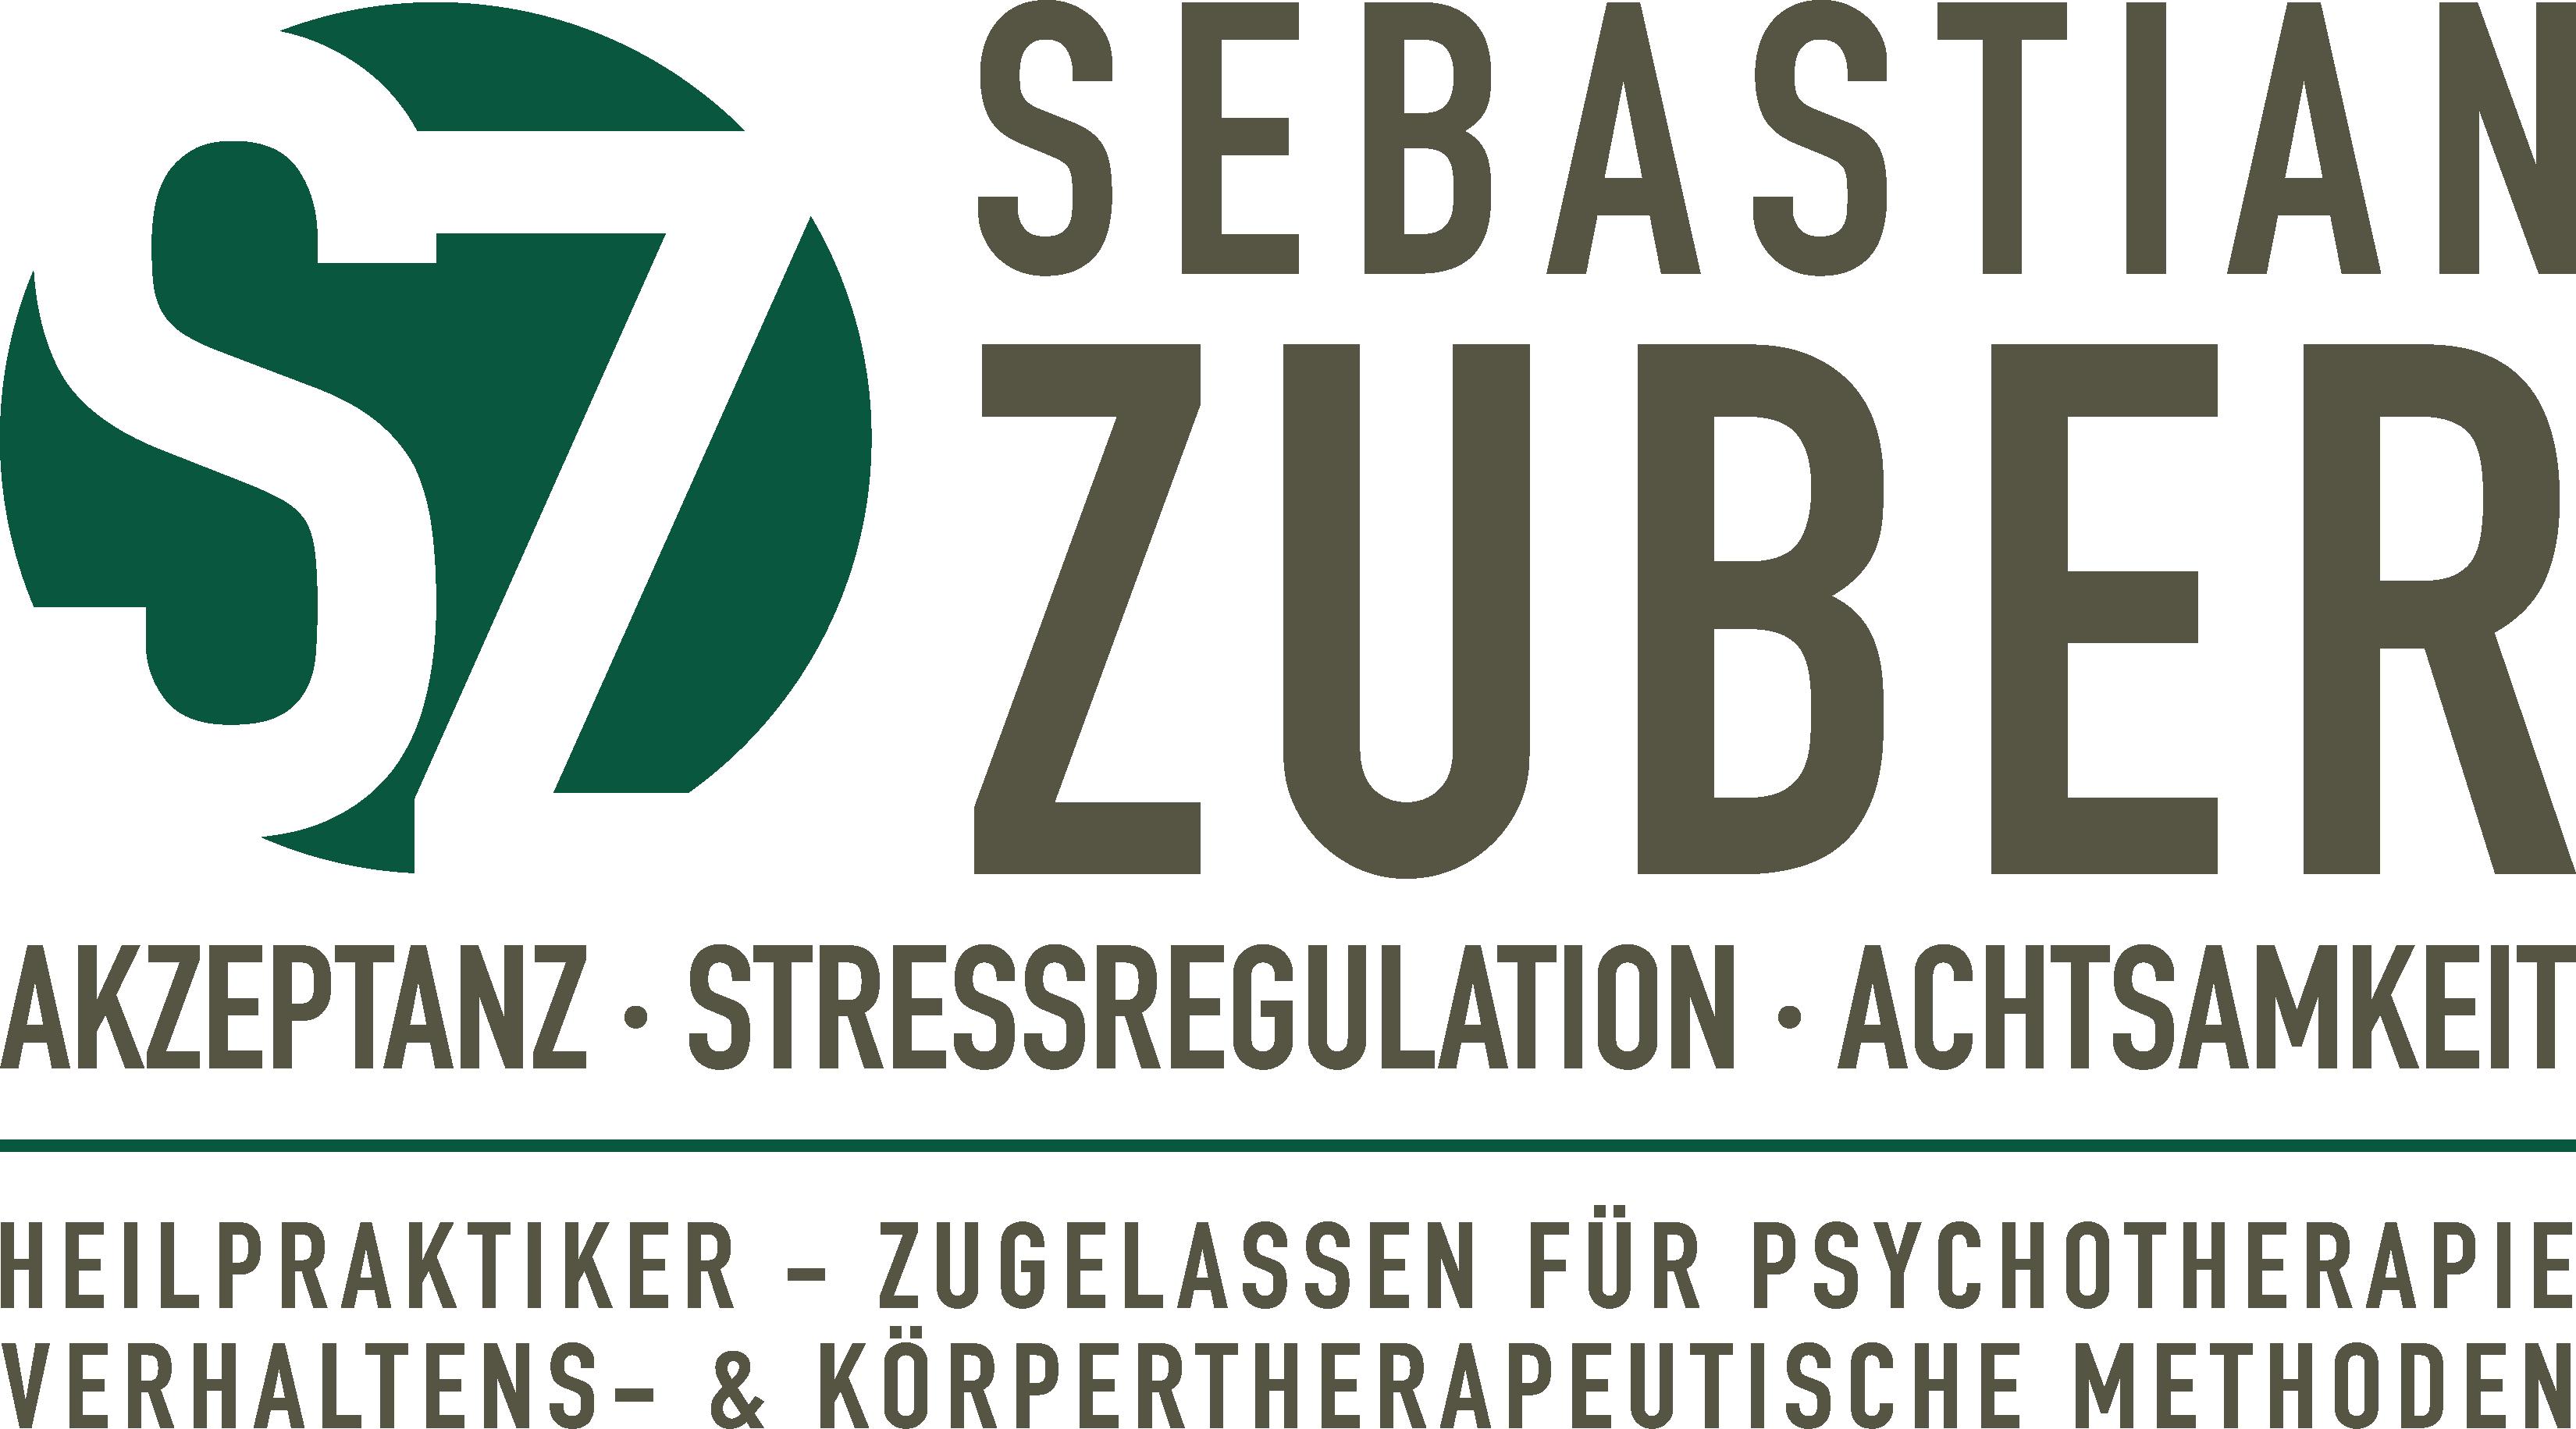 Logo Sebastian Zuber | Heilpraktiker - zugelassen fuer Psychotherapie | Hildesheim